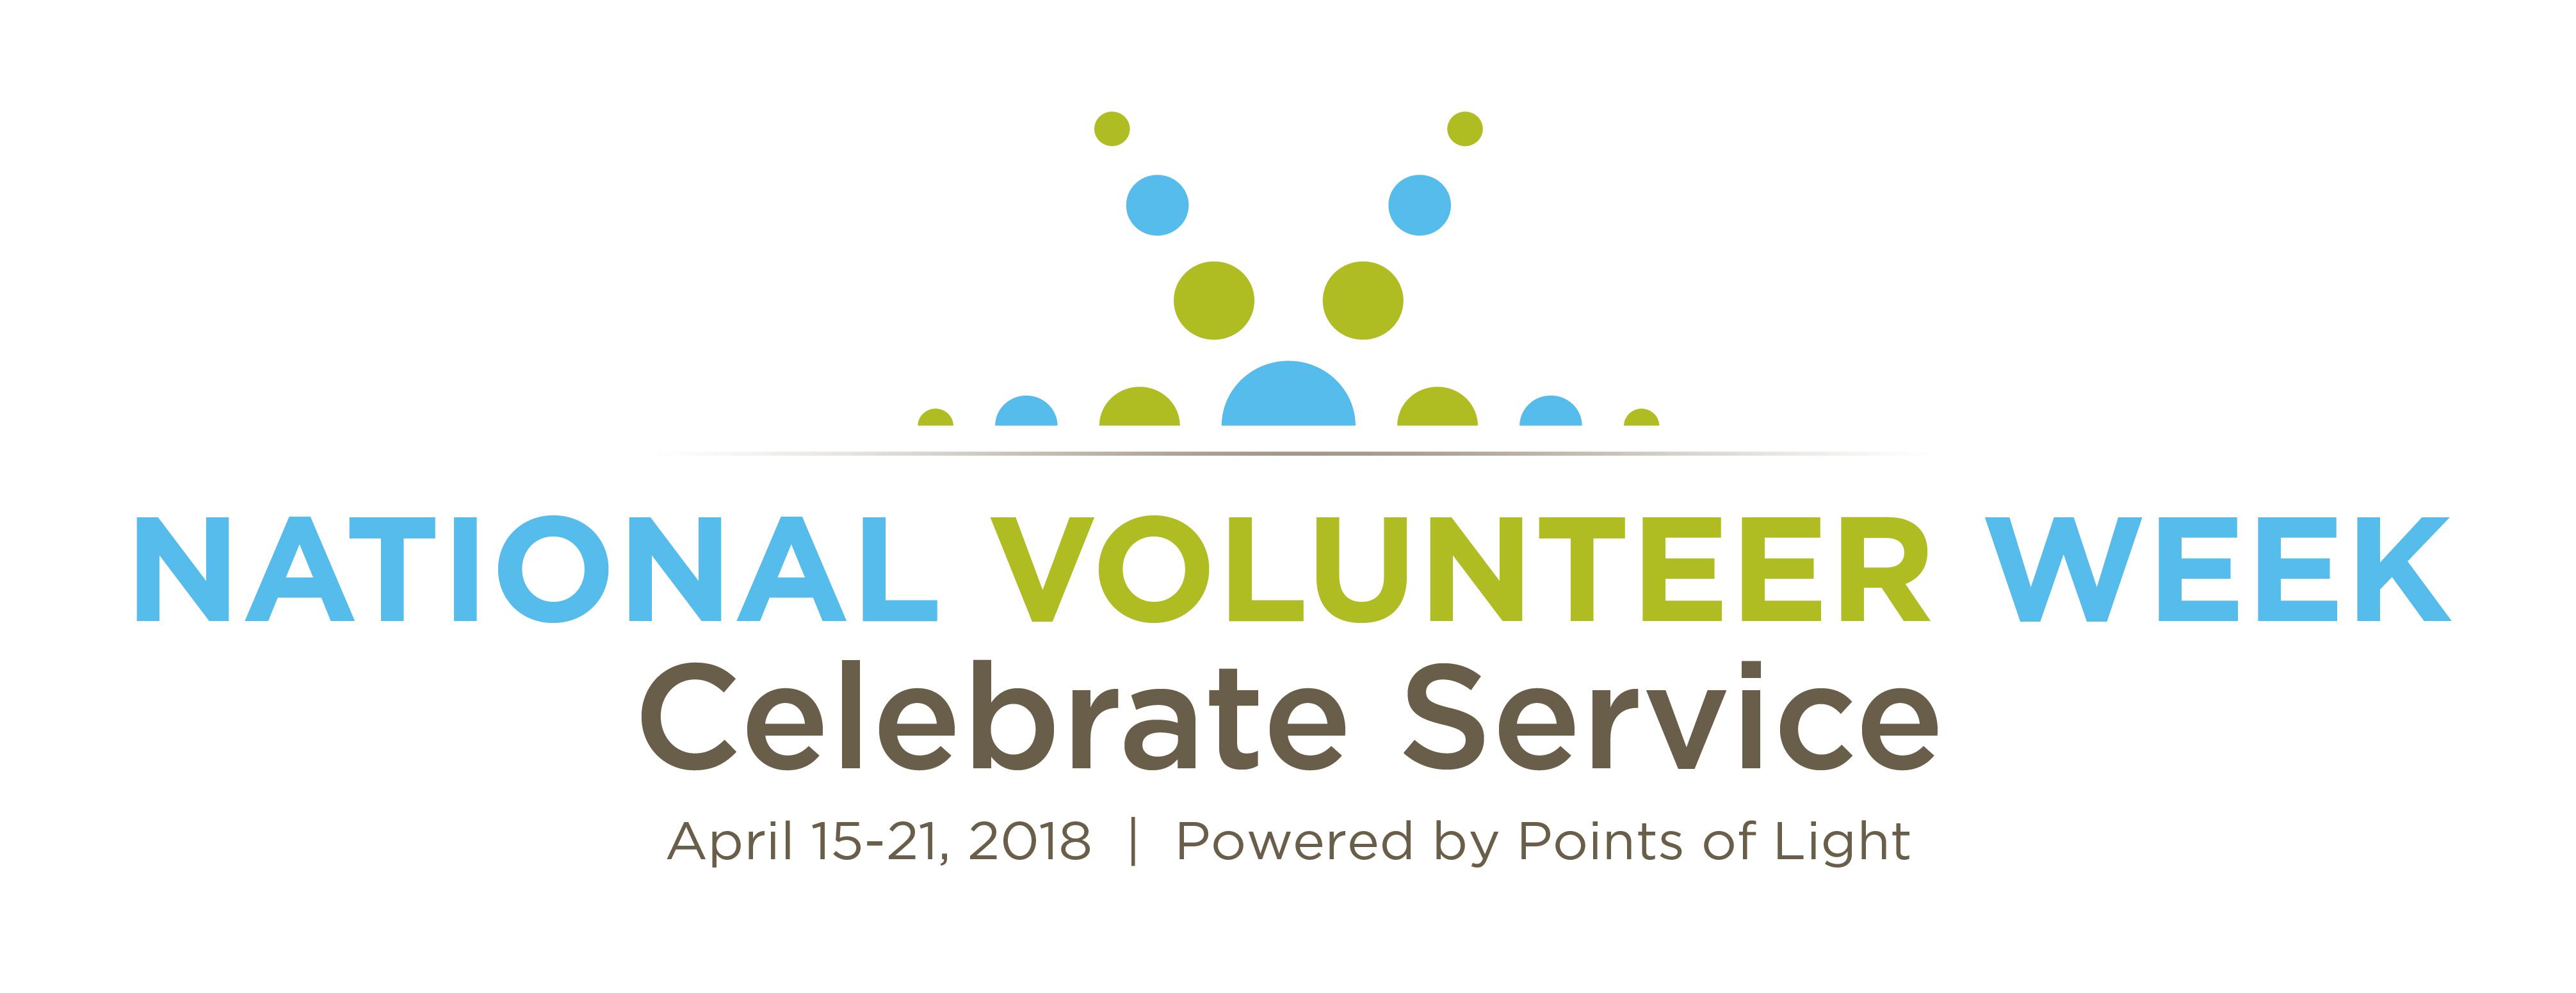 Celebrate National Volunteer Week